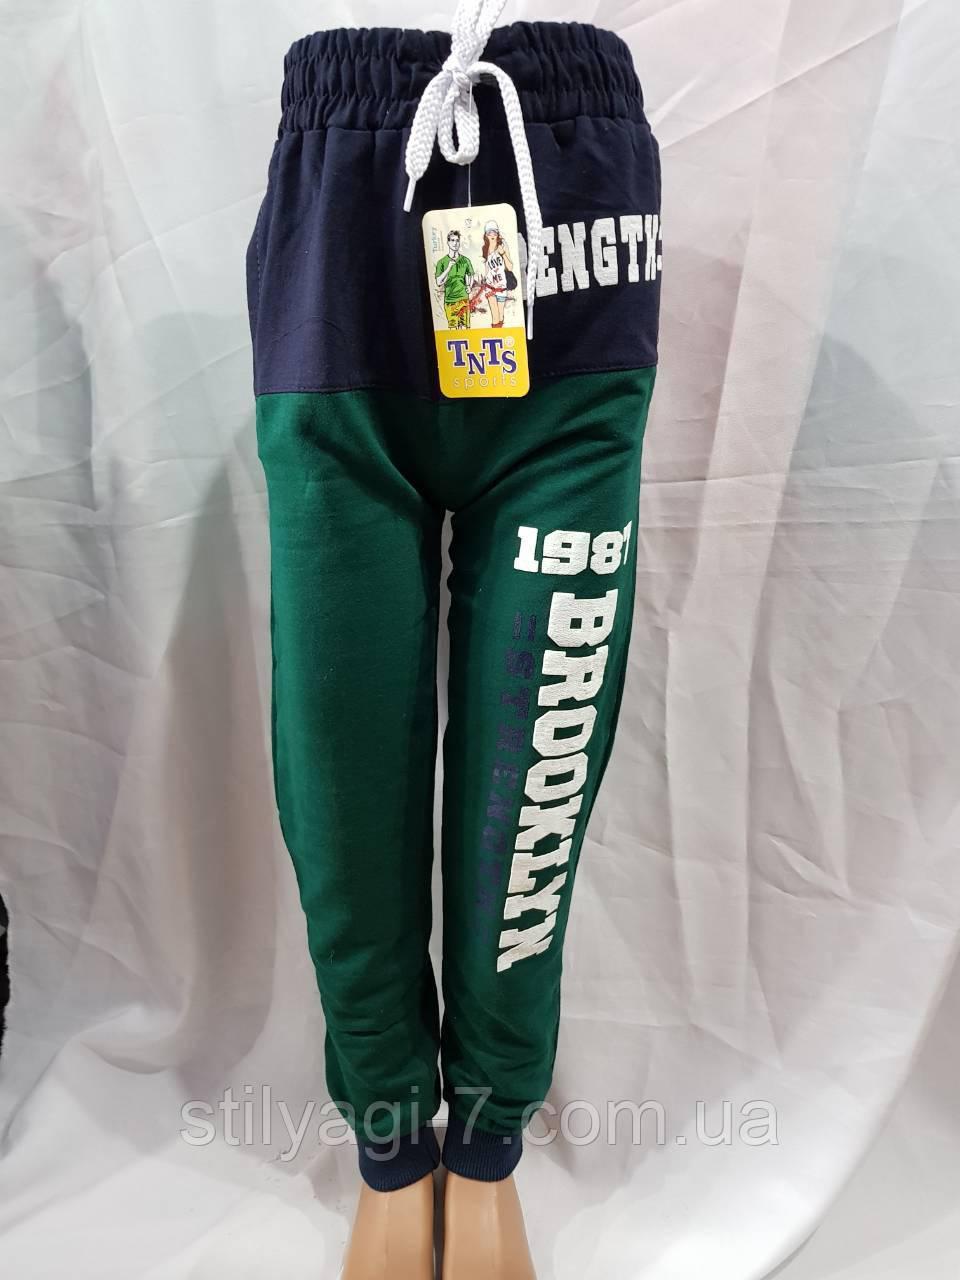 Спортивные штаны для мальчика-подростка на 13-16 лет зеленого цвета на манжете с надписью оптом